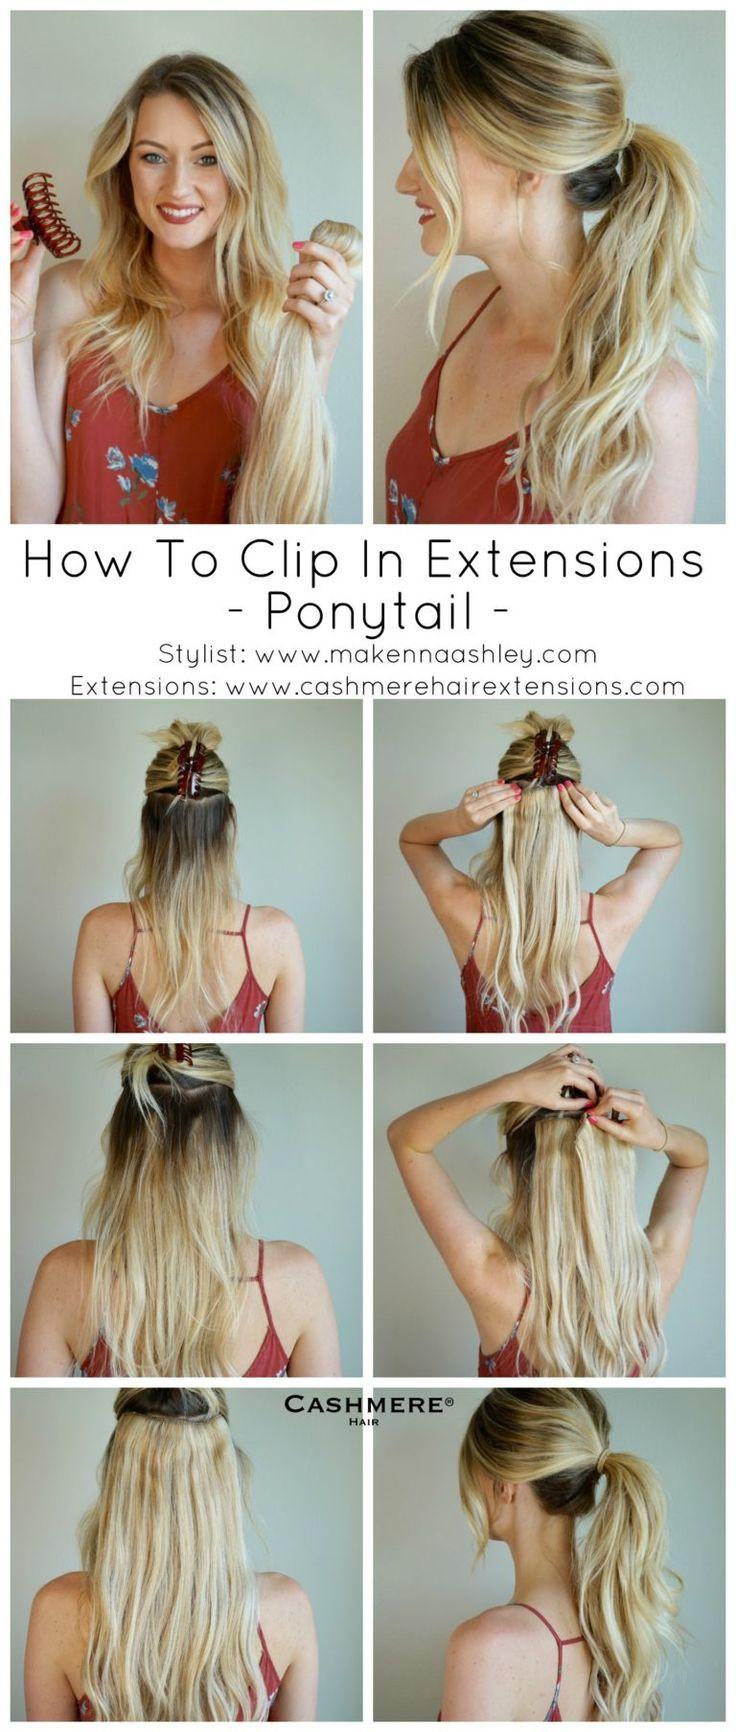 Wie man Erweiterungen für einen Pferdeschwanz einsteckt   Kaschmir-Haarspange In Extensions